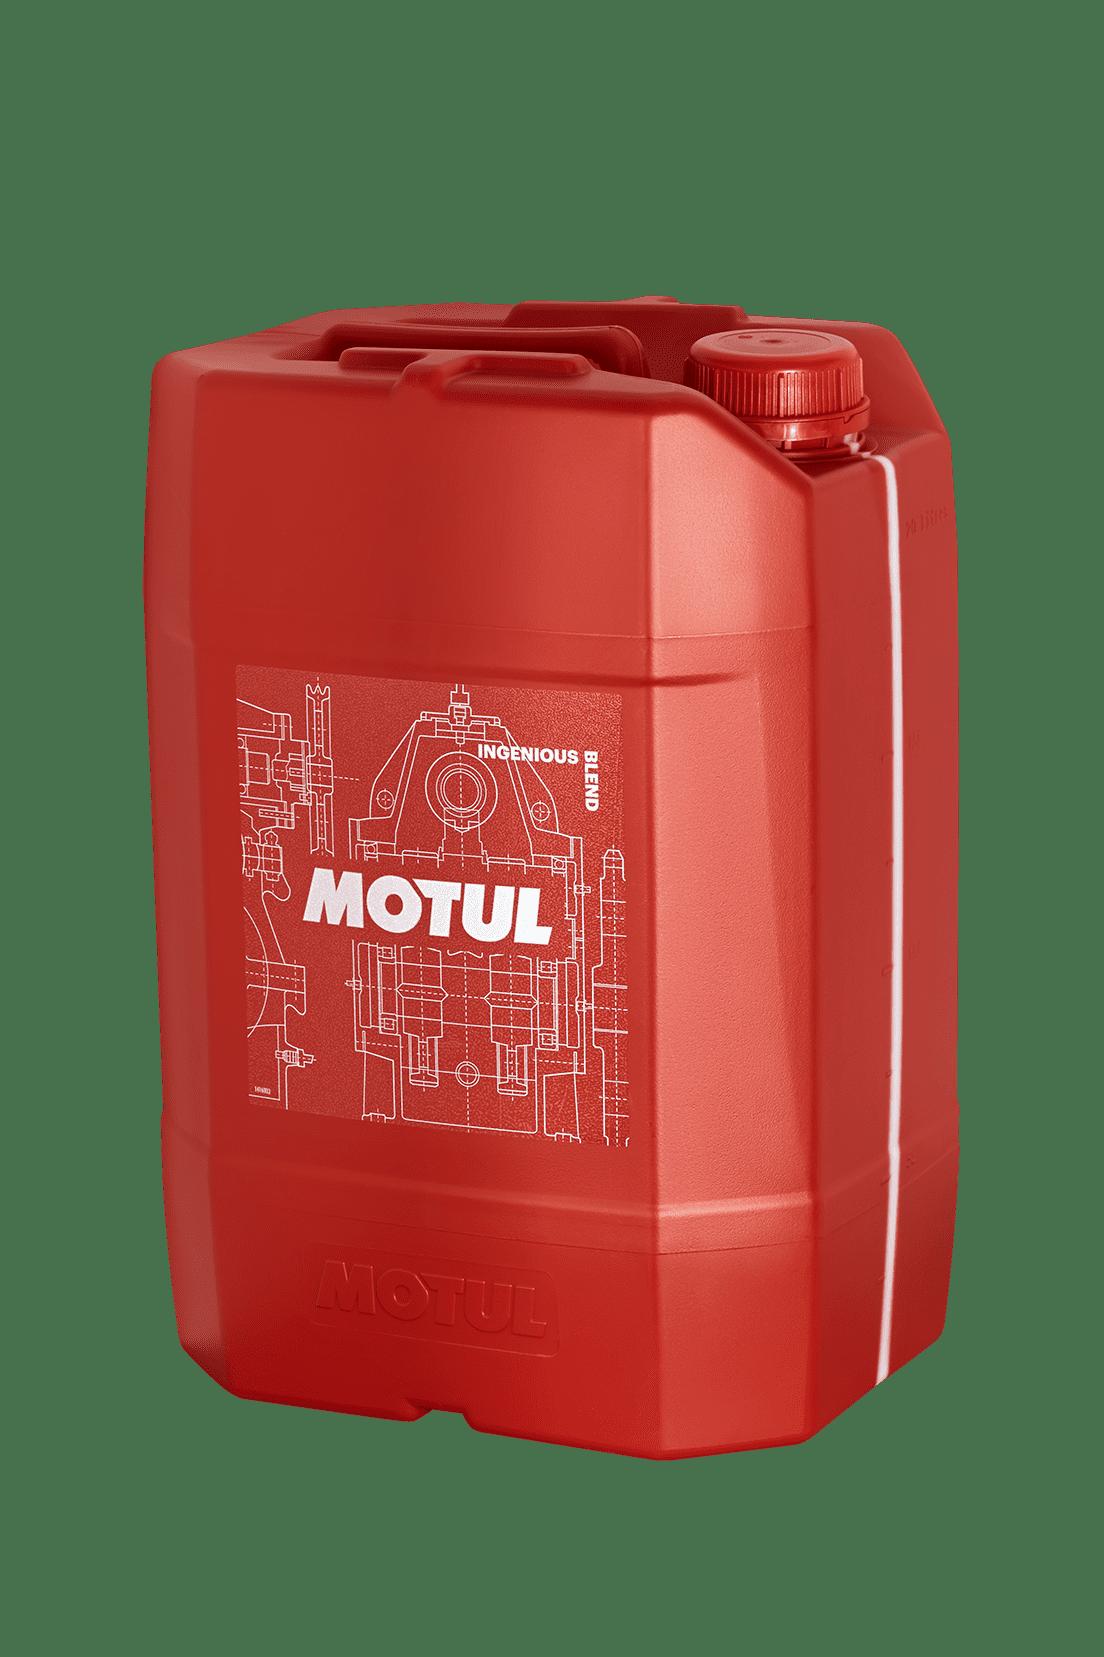 Motul Inugel G13 Ultra 20L